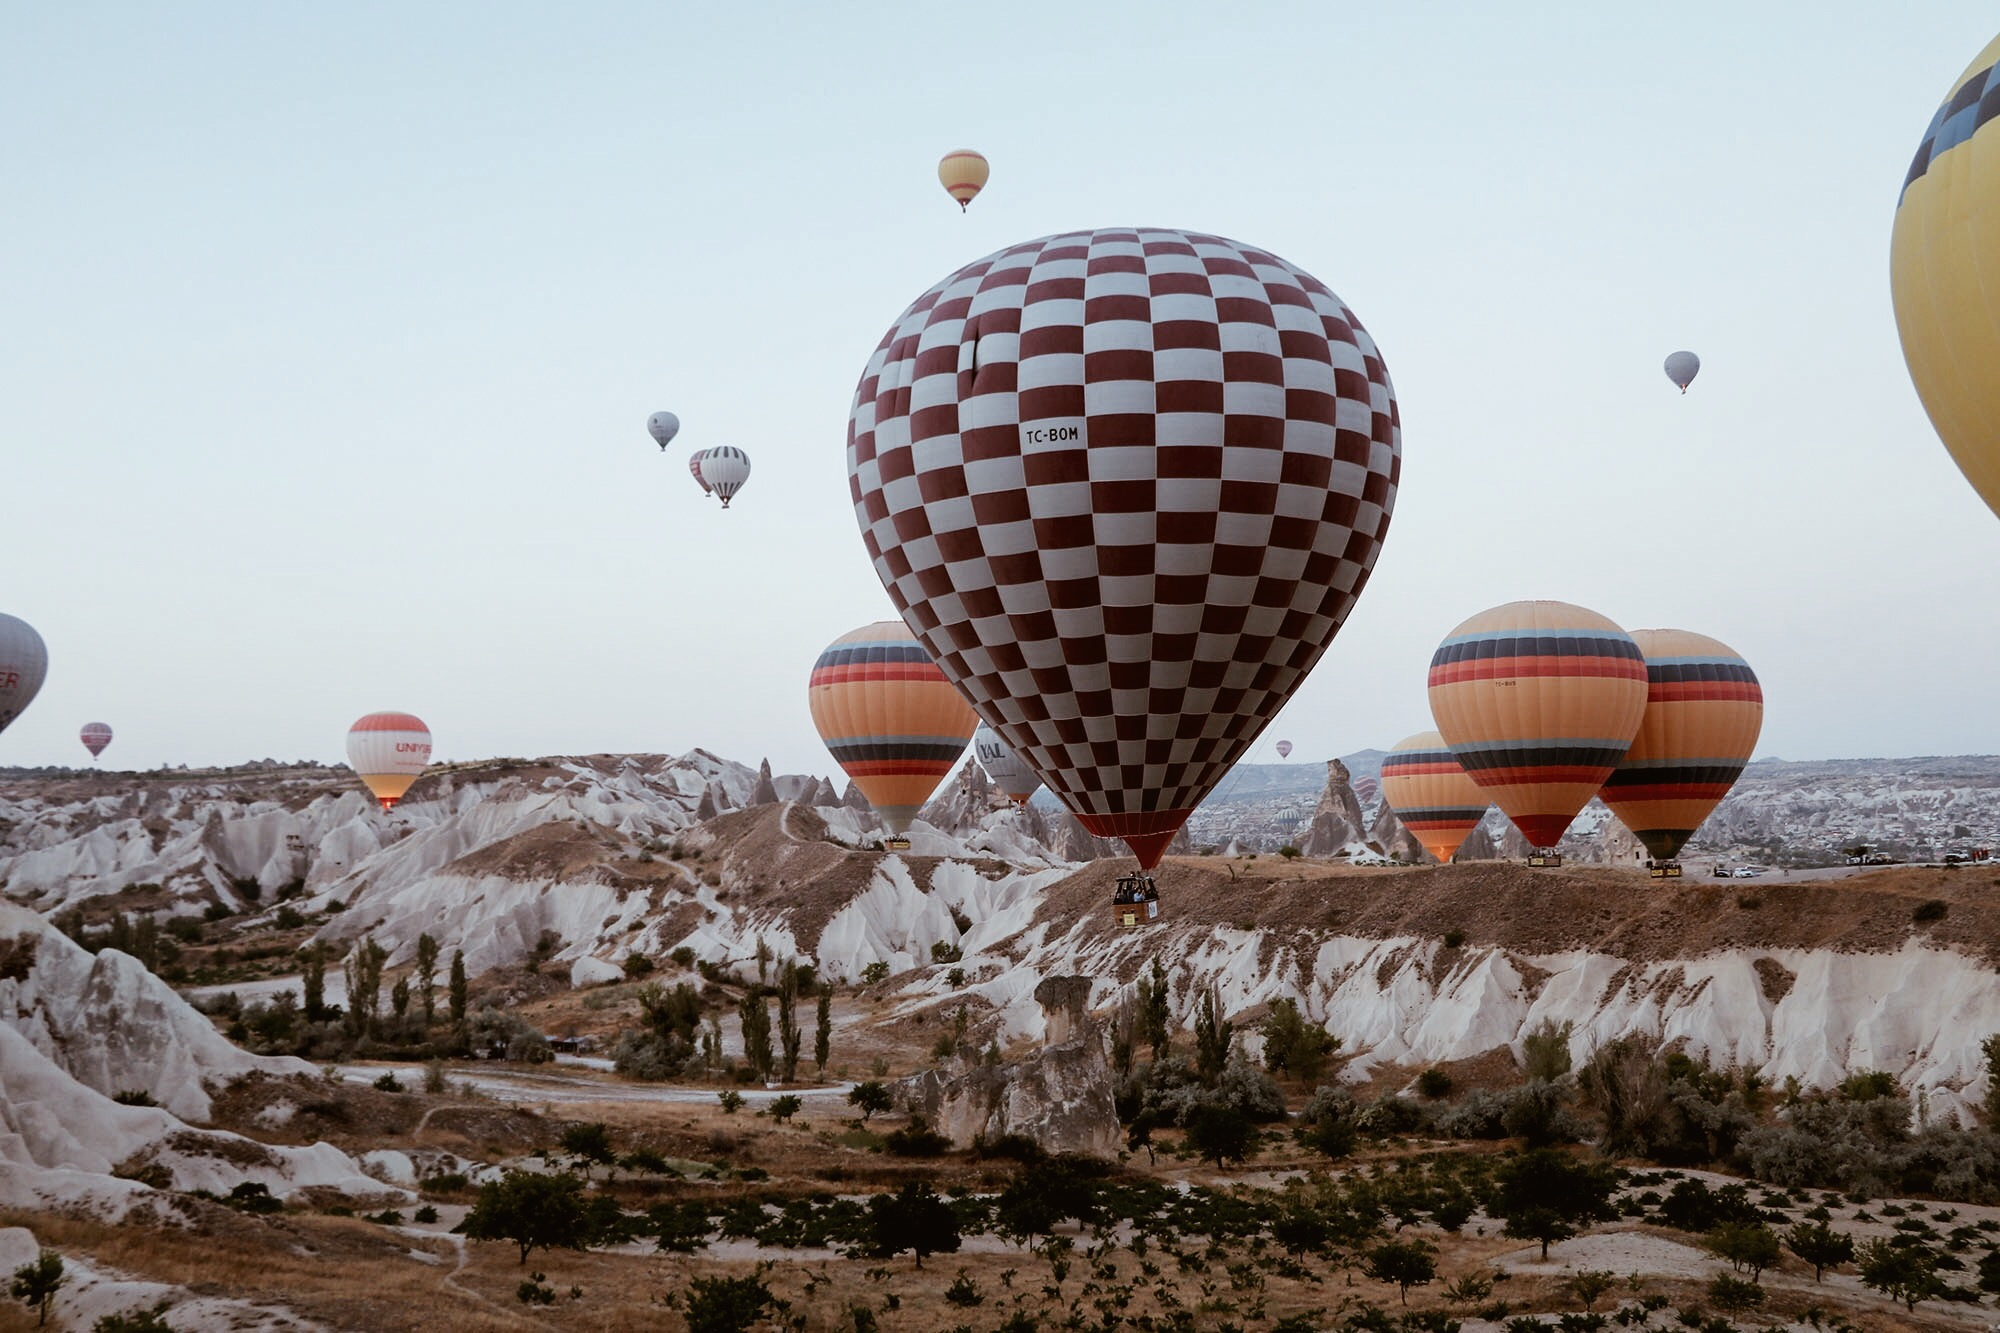 Flying with Royal Balloon in Cappadocia